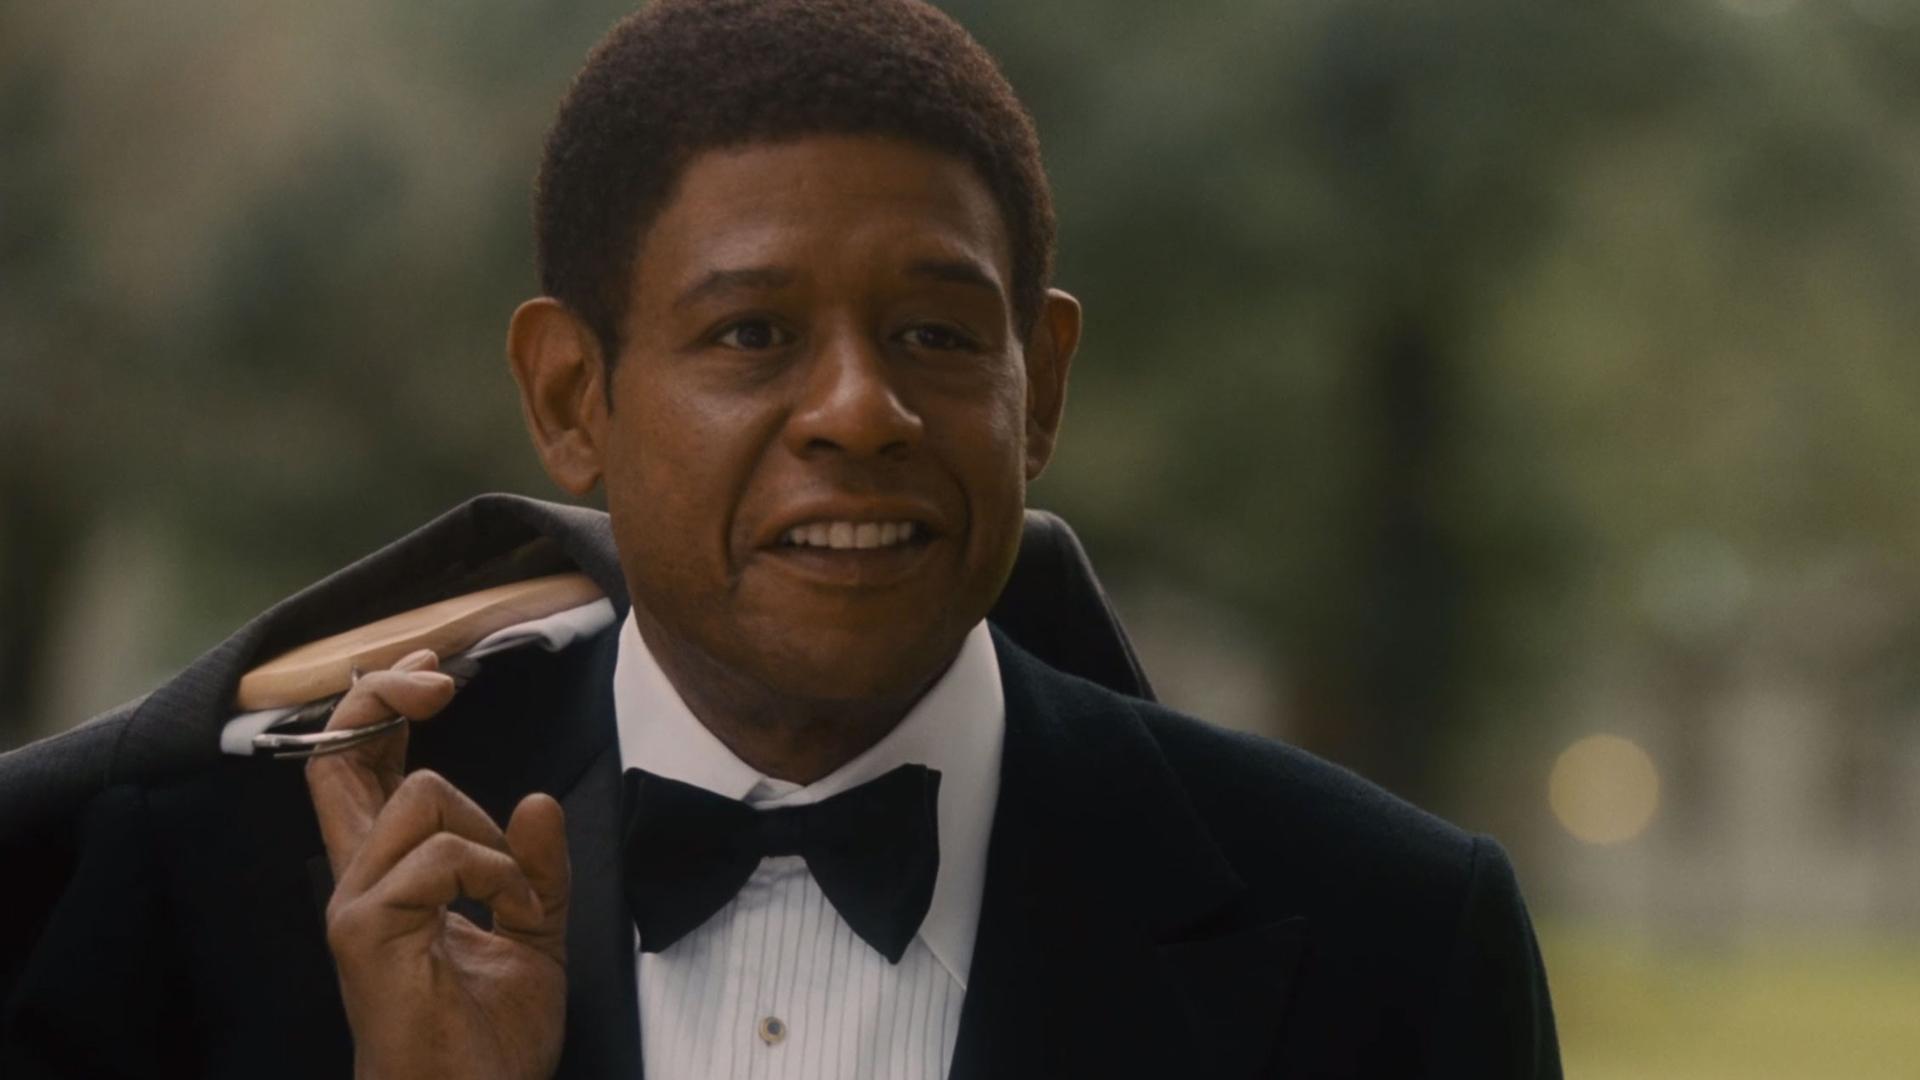 il protagonista del film